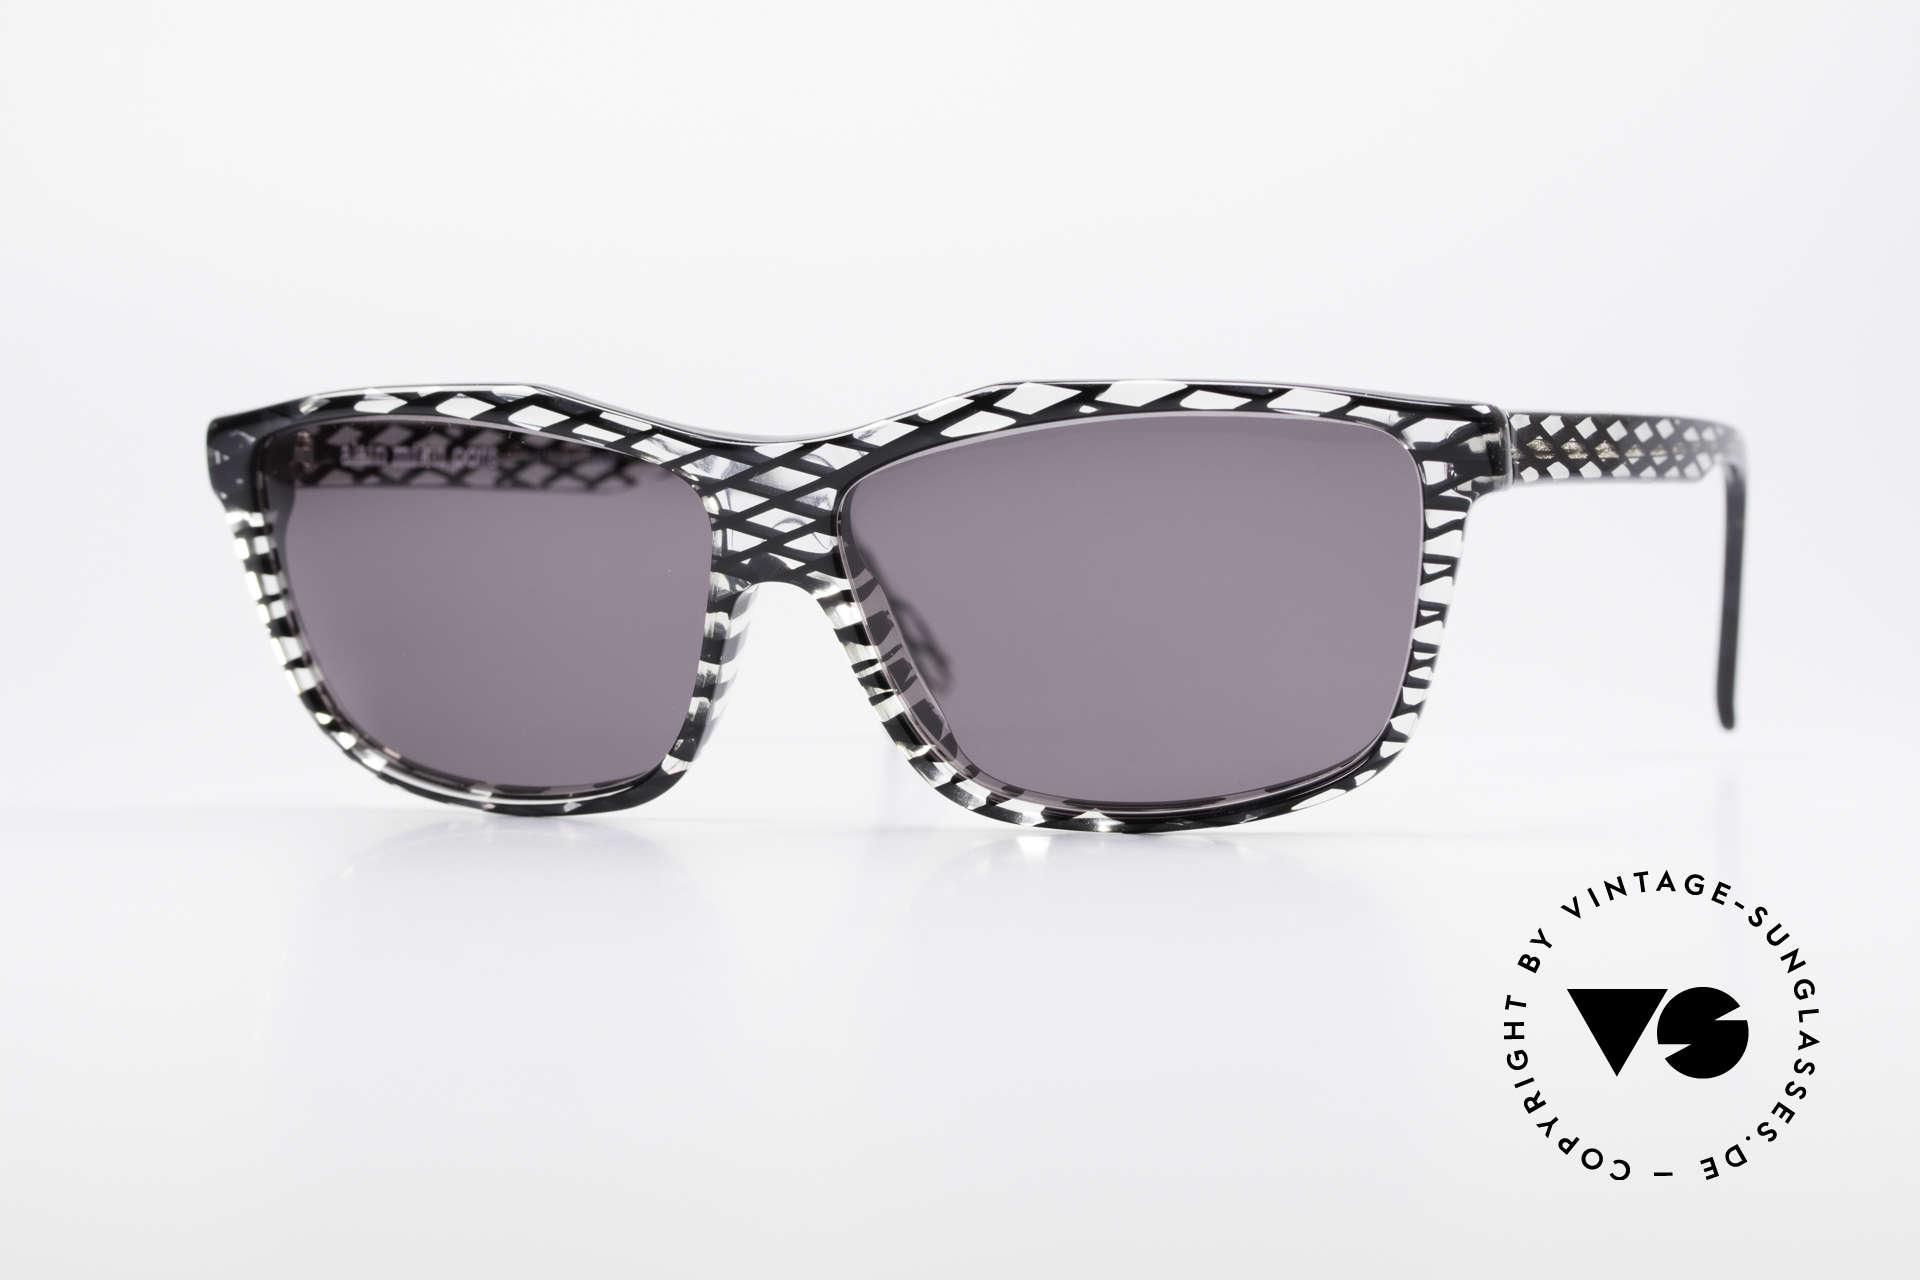 Alain Mikli 701 / 280 Gemusterte 80er Sonnenbrille, ALAIN MIKLI vintage Designer-Sonnenbrille von 1989, Passend für Damen